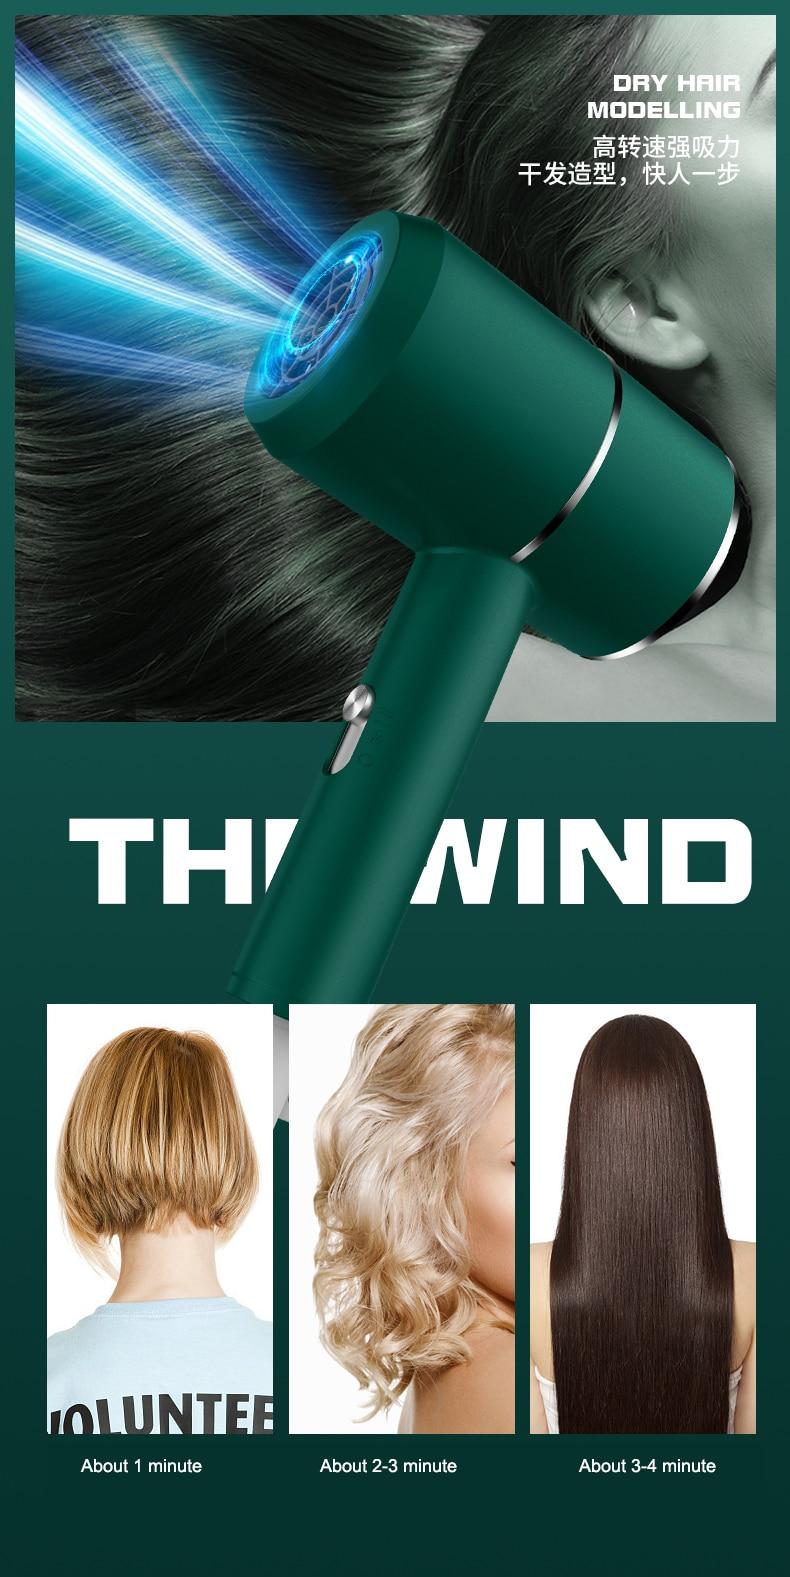 cabelo profissional de secagem rápida martelo ty 2000w para casa